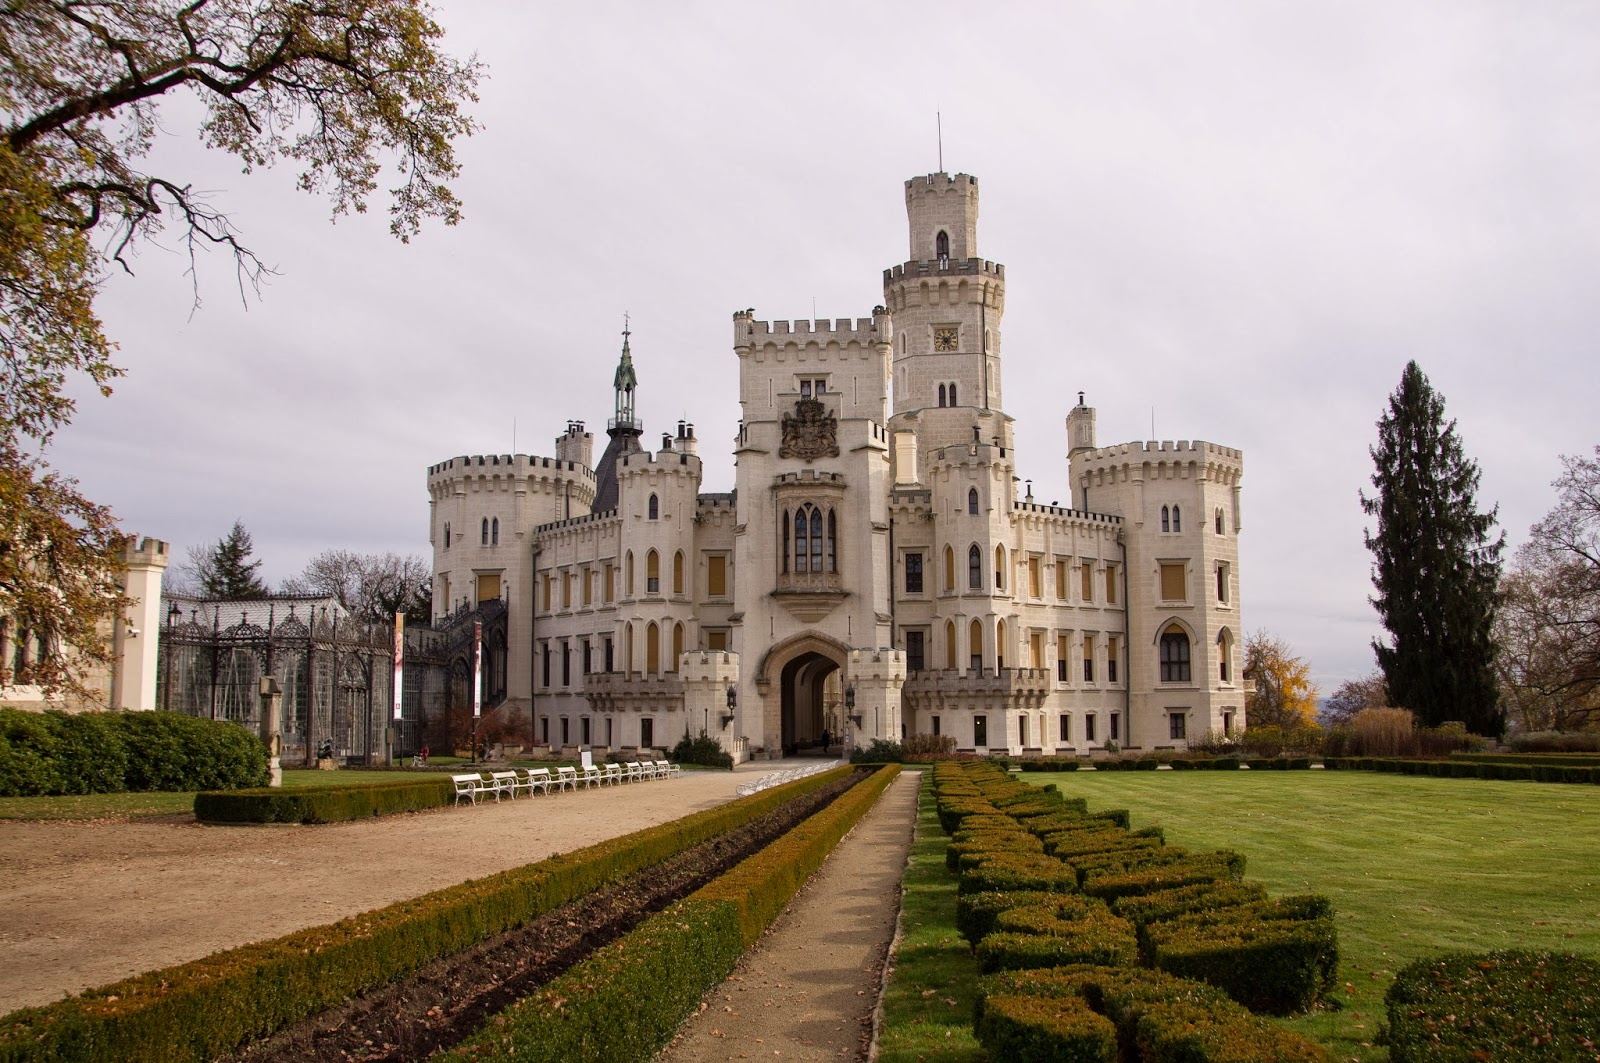 nad vltavou castle - photo #9